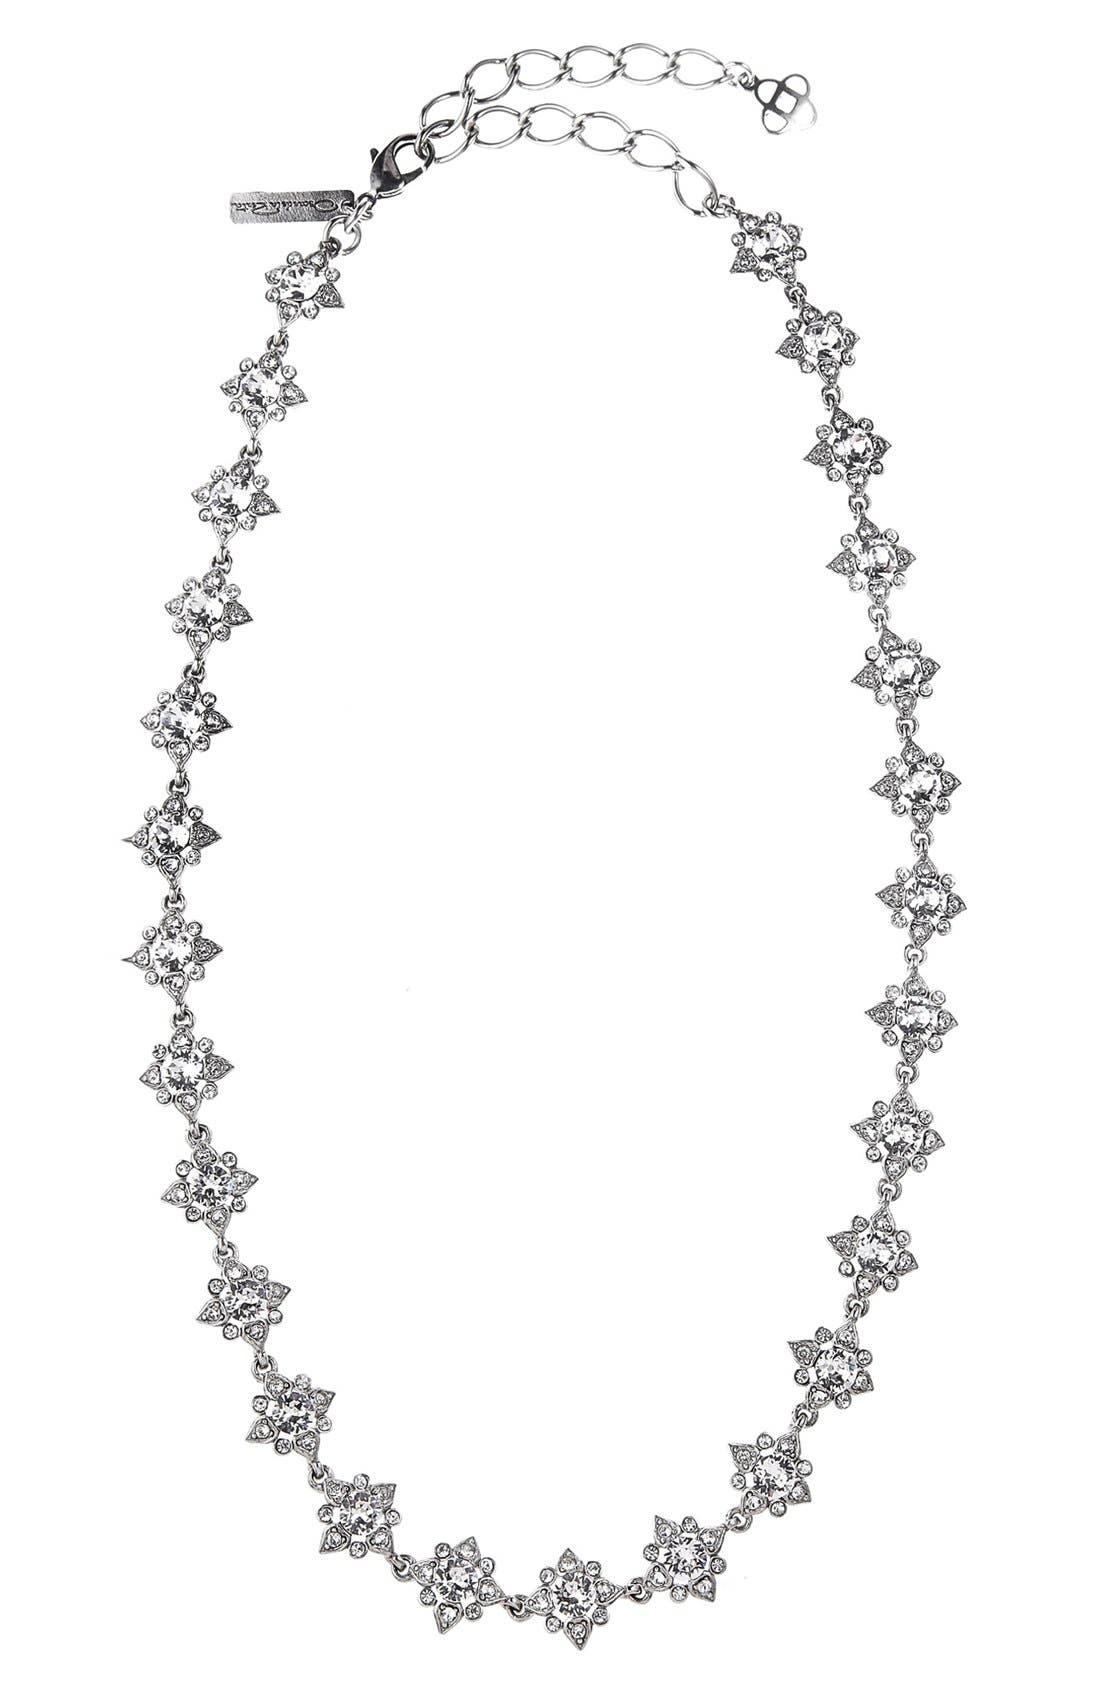 OSCAR DE LA RENTA Delicate Star Swarovski Crystal Collar Necklace